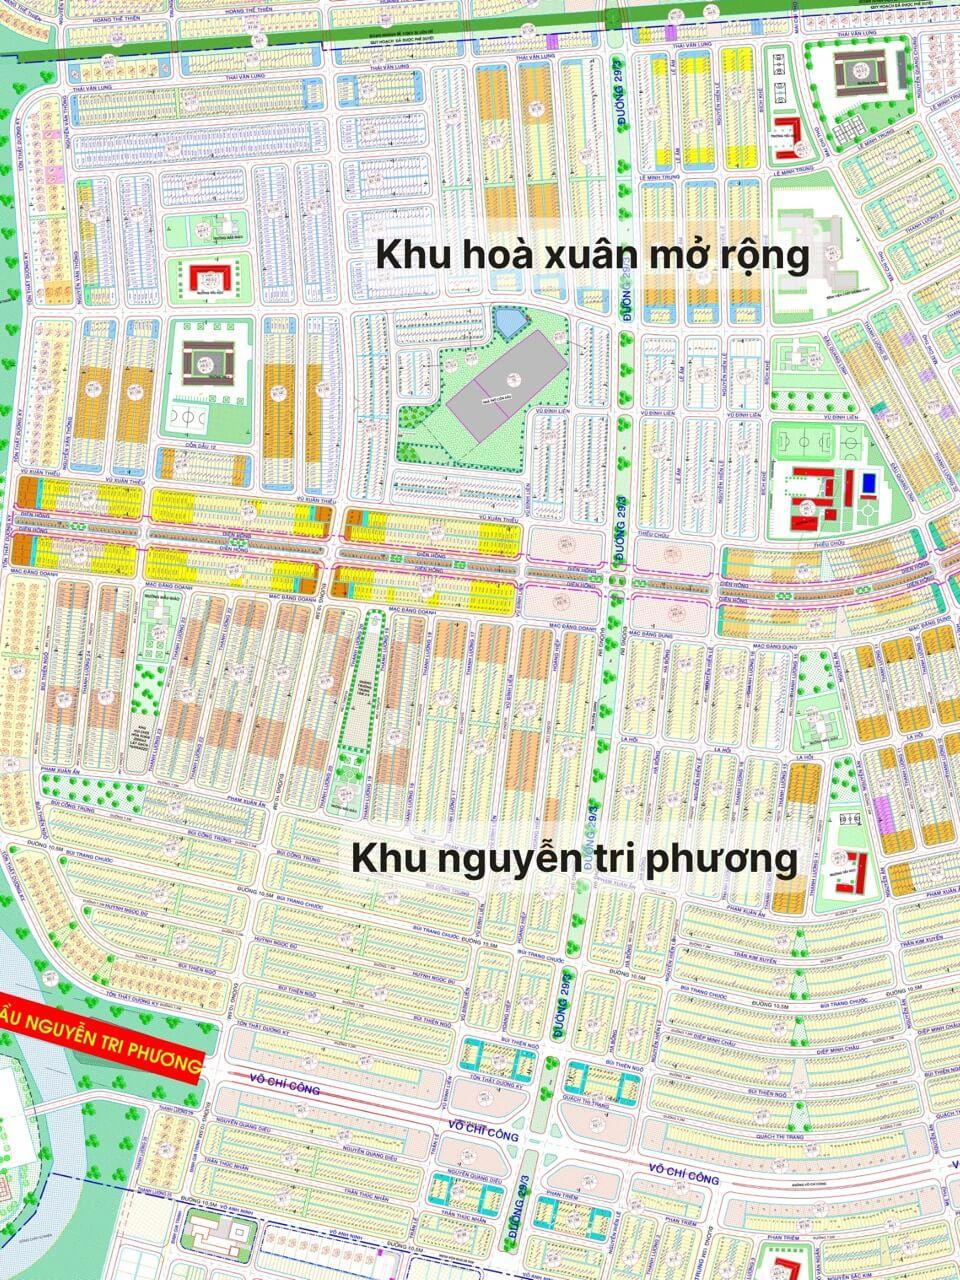 sơ đồ khu Nam Hòa Xuân - Đà Nẵng